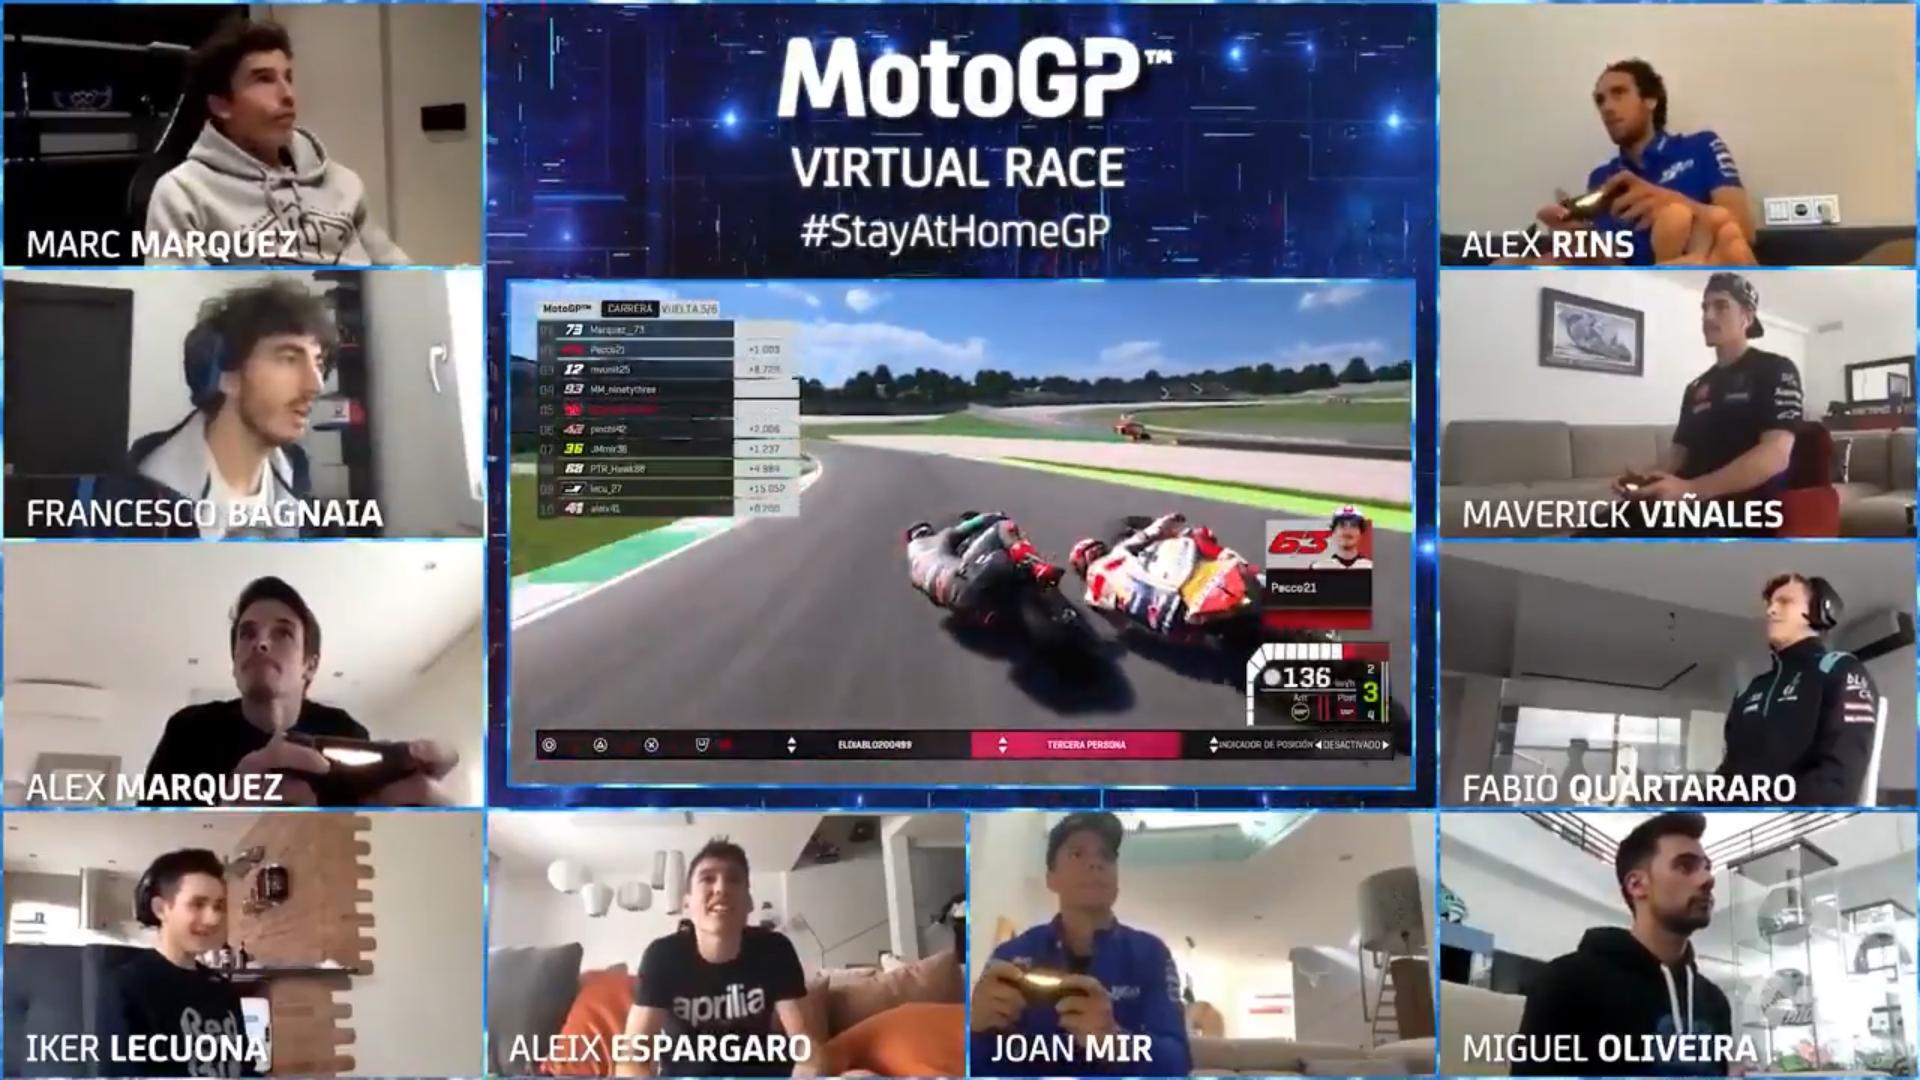 Des pilotes jouant au Moto GP virtuel pendant le confinement